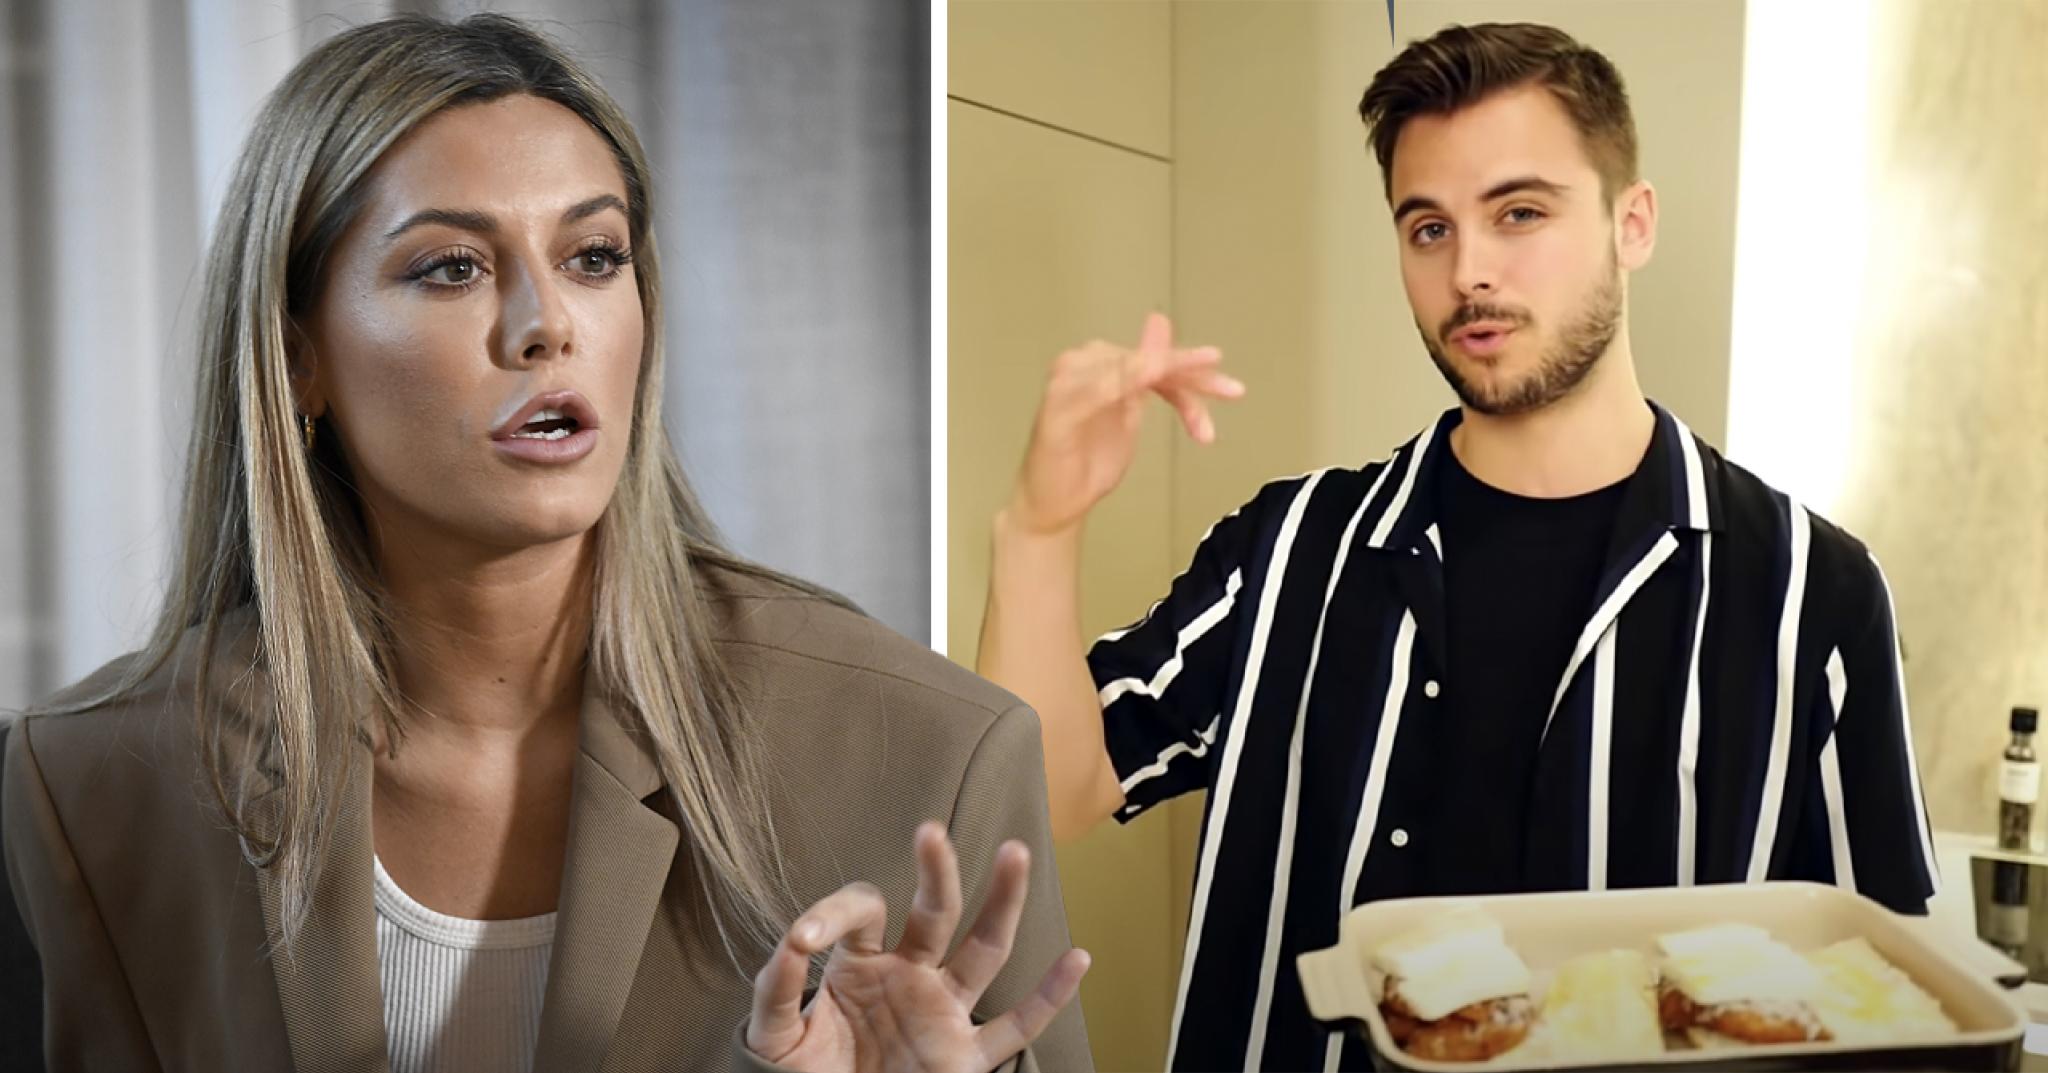 Bianca Ingrossos stora ilska – efter pojkvännen Phillipes Youtube-succé